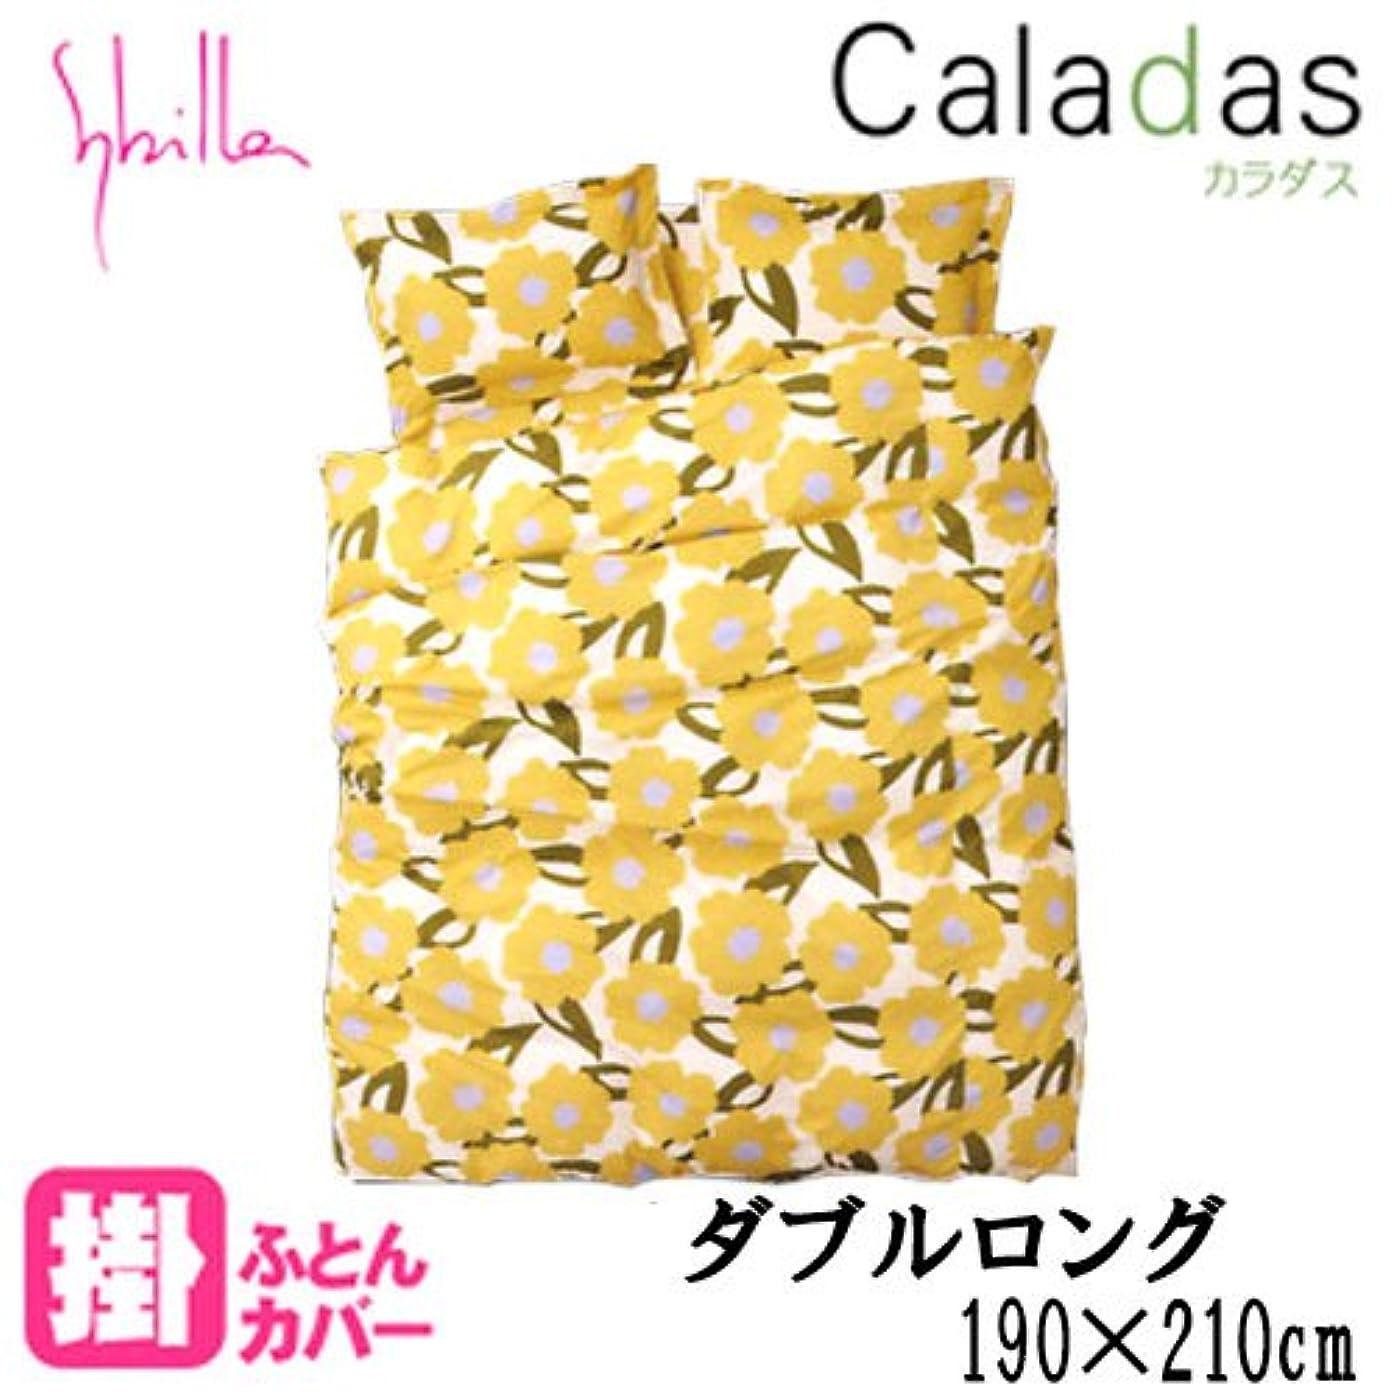 一般的にアクティブ【 Sybilla 】 シビラ 国産 掛け 布団 カバー 『 カラダス 』 ダブル ロング ( 190×210cm ) イエロー